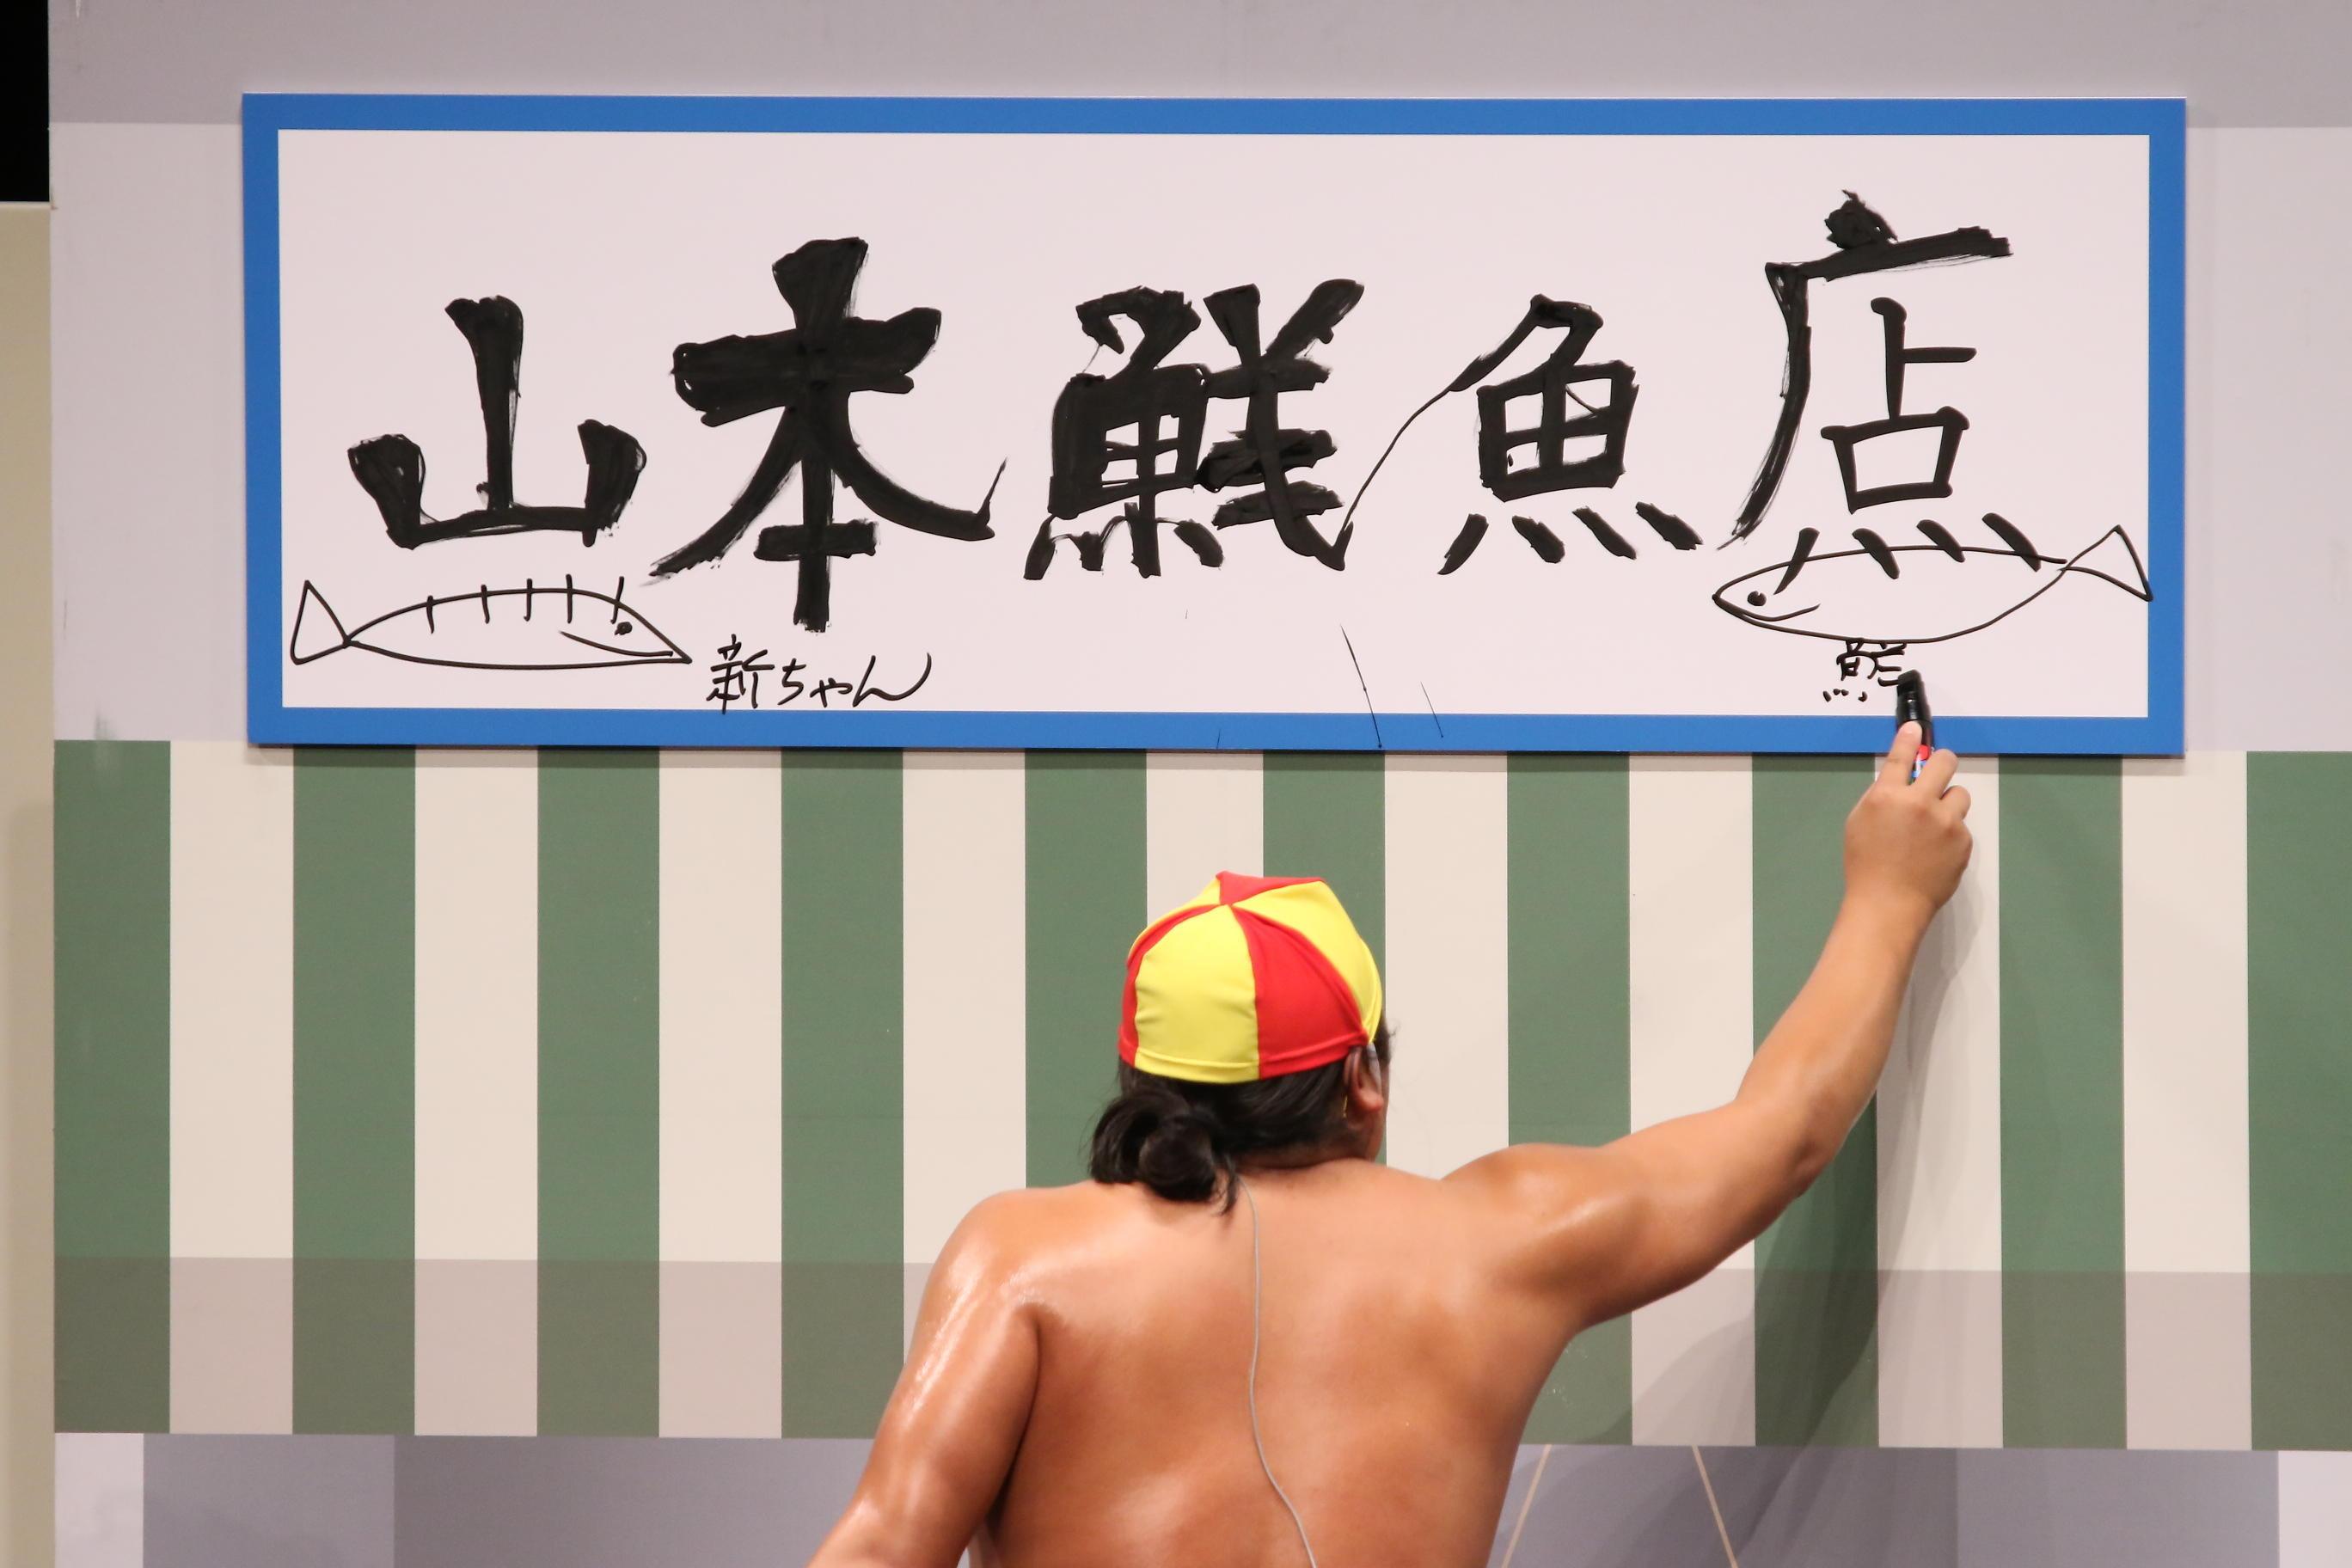 http://news.yoshimoto.co.jp/20190111101608-659fc89d9065873d50b12215fdc3e1a2ed38ca6d.jpg